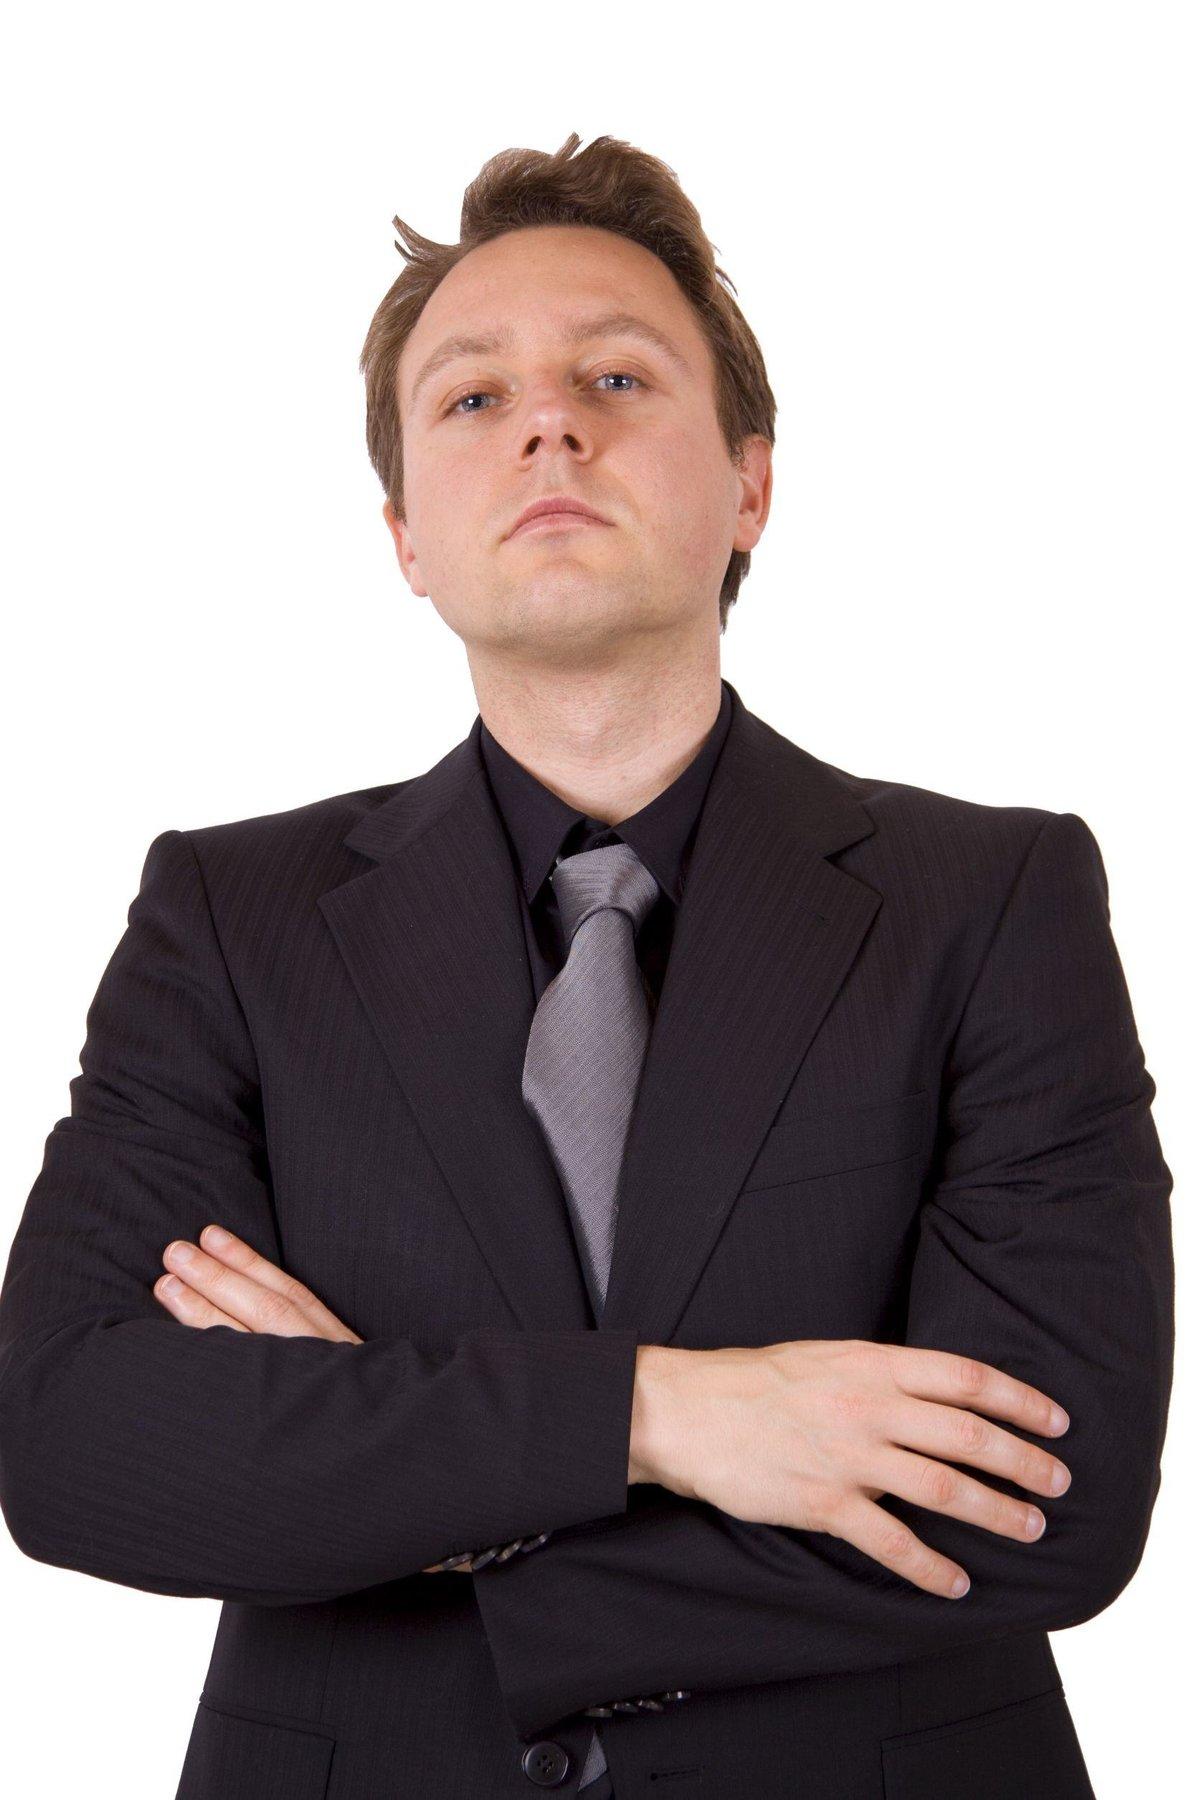 лысеющей картинки зазнавшийся человек коротких волосах можно